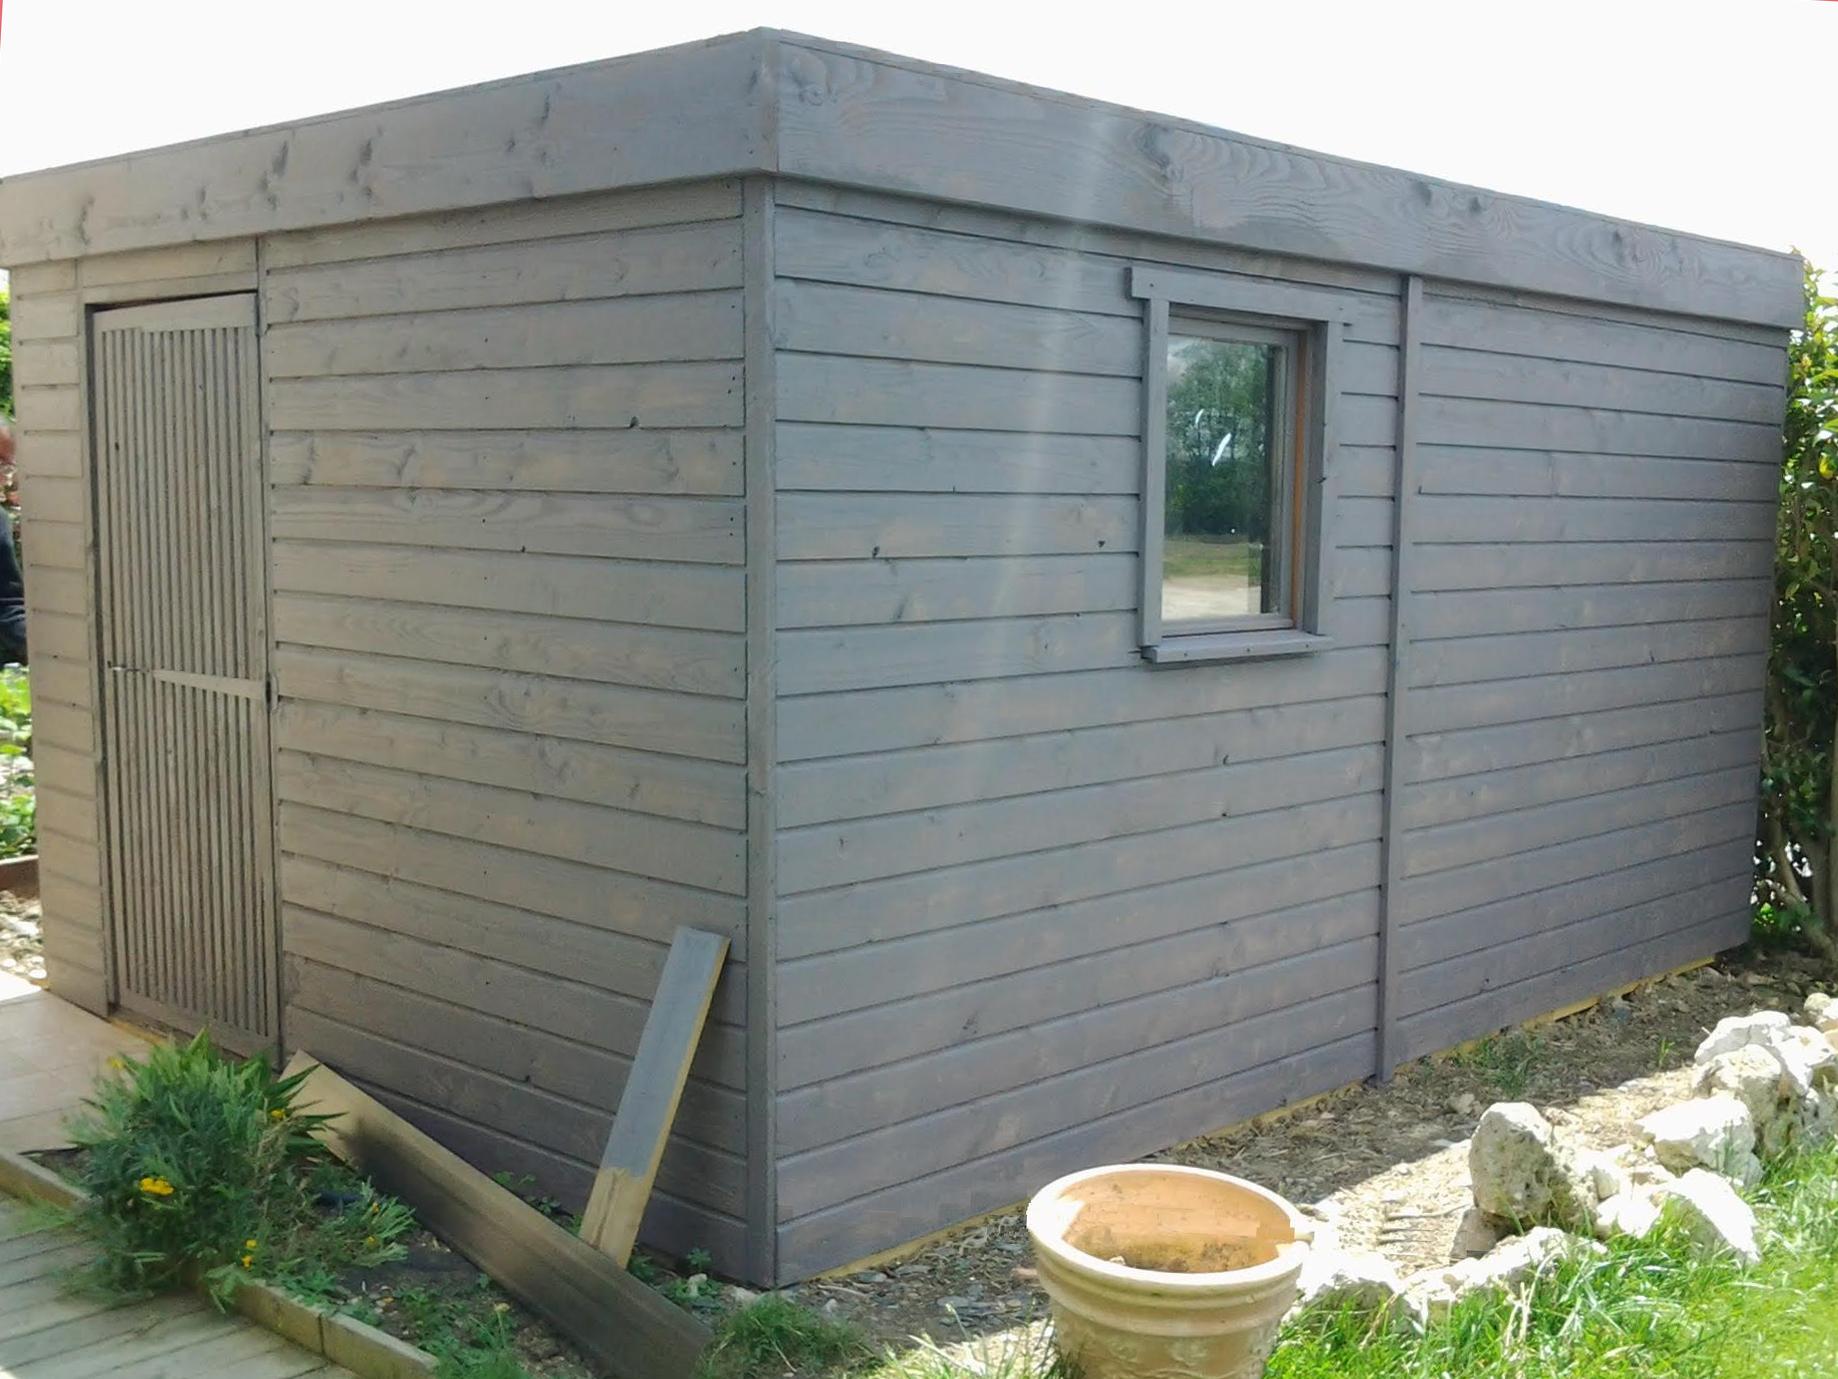 le bois douglas classe 3 du haut de gamme dans votre jardin blog conseil abri jardin. Black Bedroom Furniture Sets. Home Design Ideas